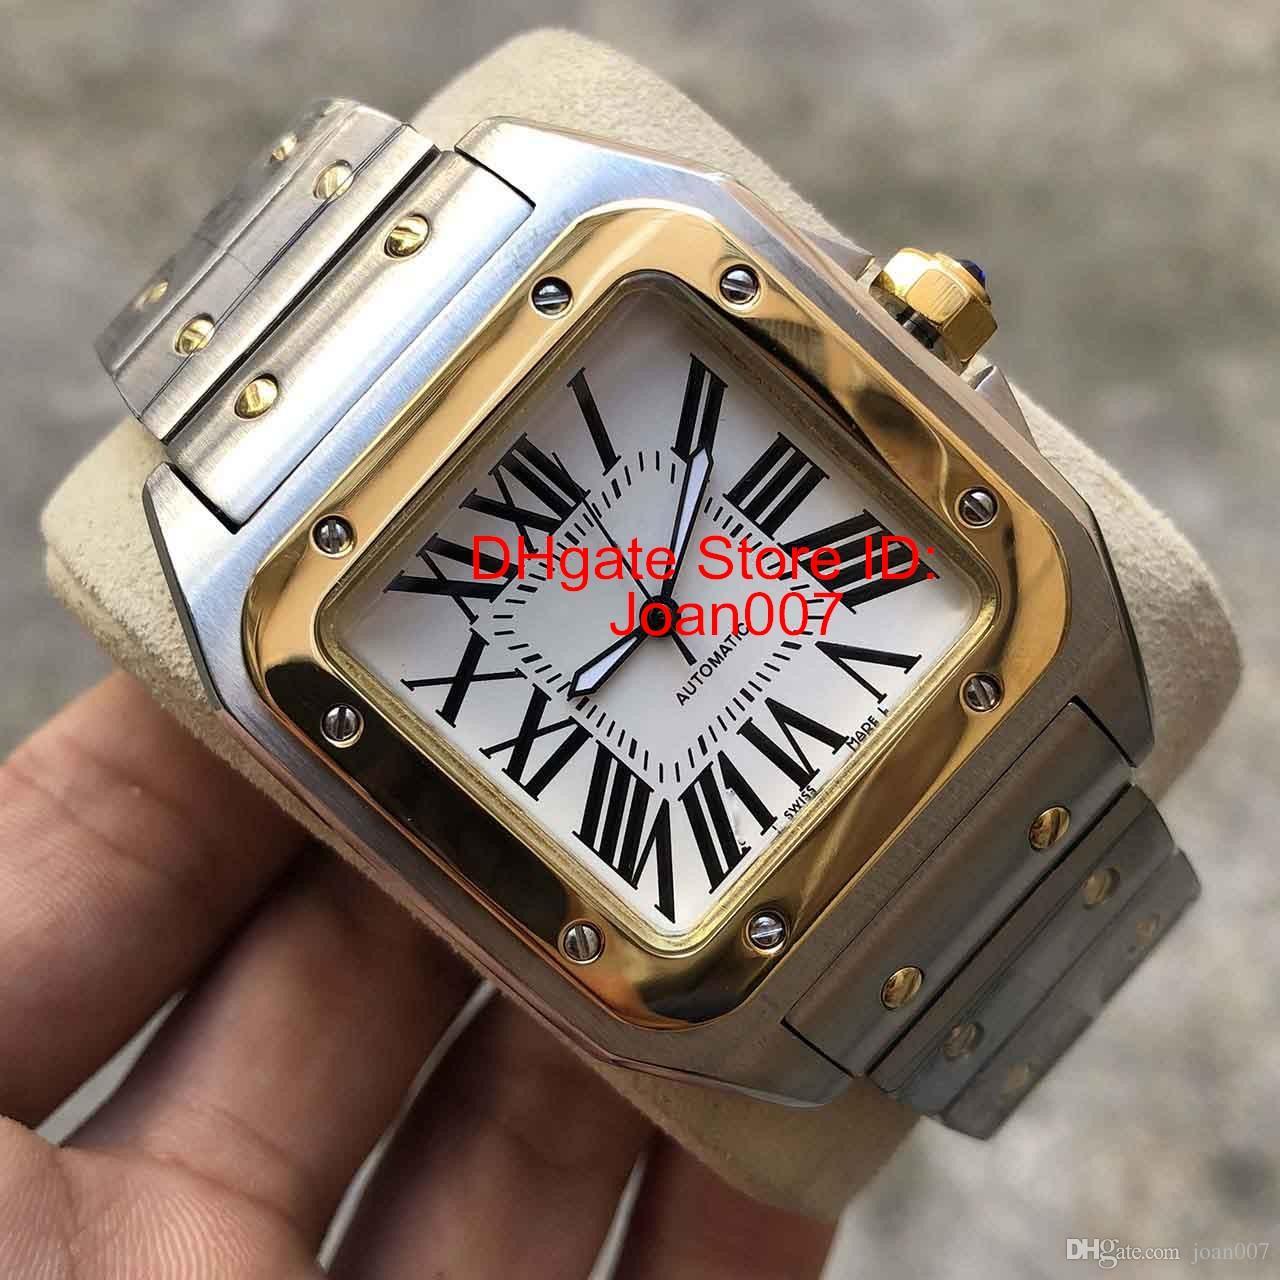 2019 Uhren 100XL Gold-Edelstahl-Uhr-2813 Automatik-Uhrwerk mechanisches Gold-Rose Gold Silber Fall Männer Sport Armbanduhr